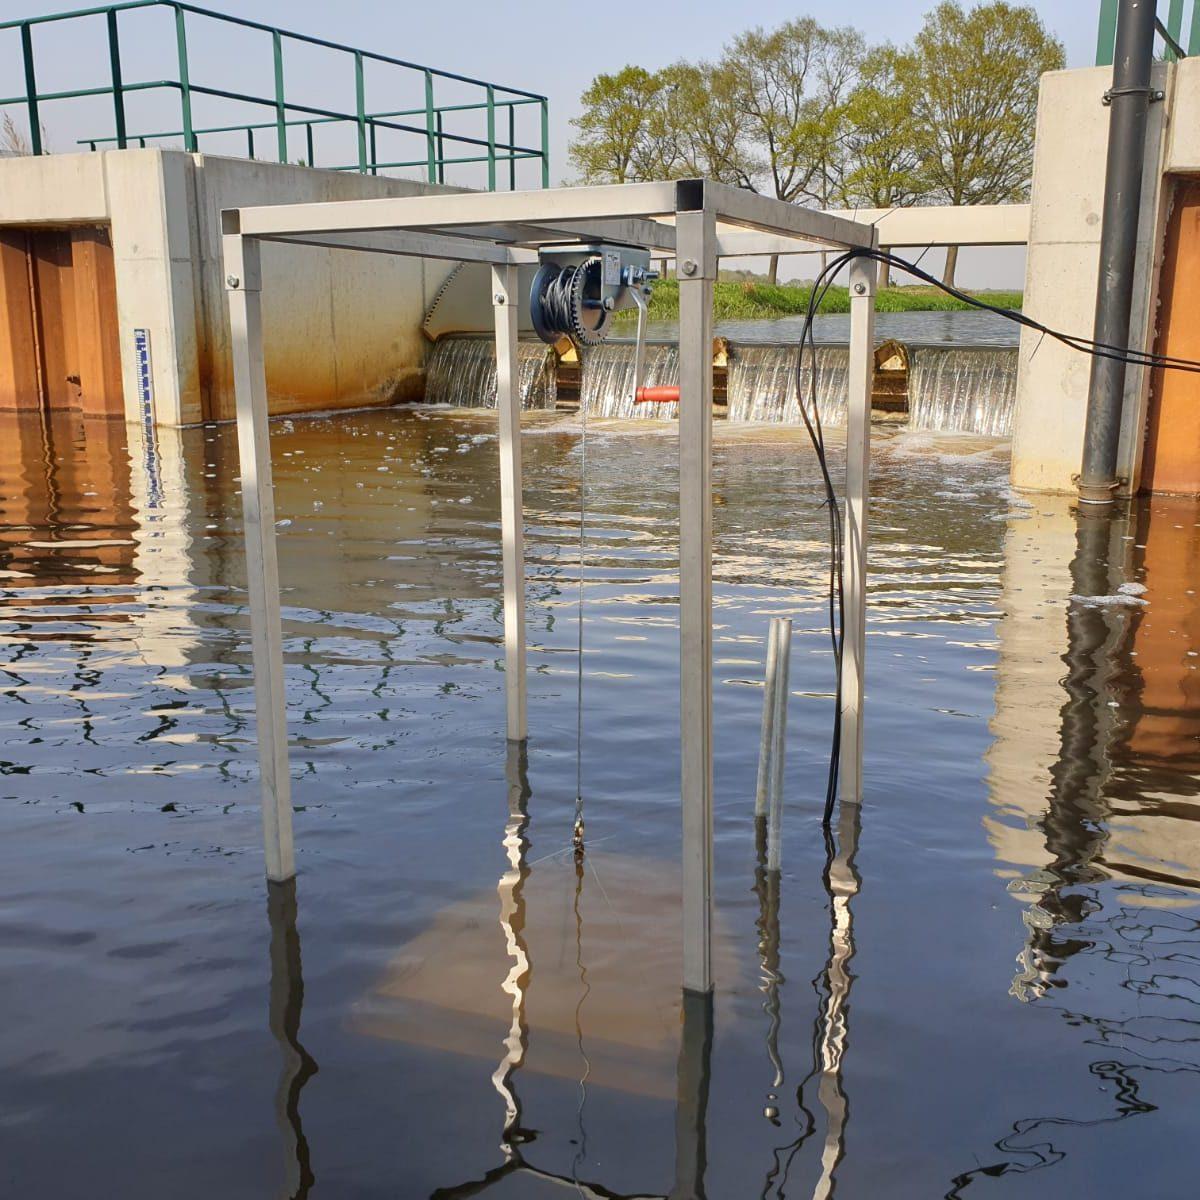 Onderzoek naar werking vispassage voor waterschap WDOD i.c.m. Arcadis